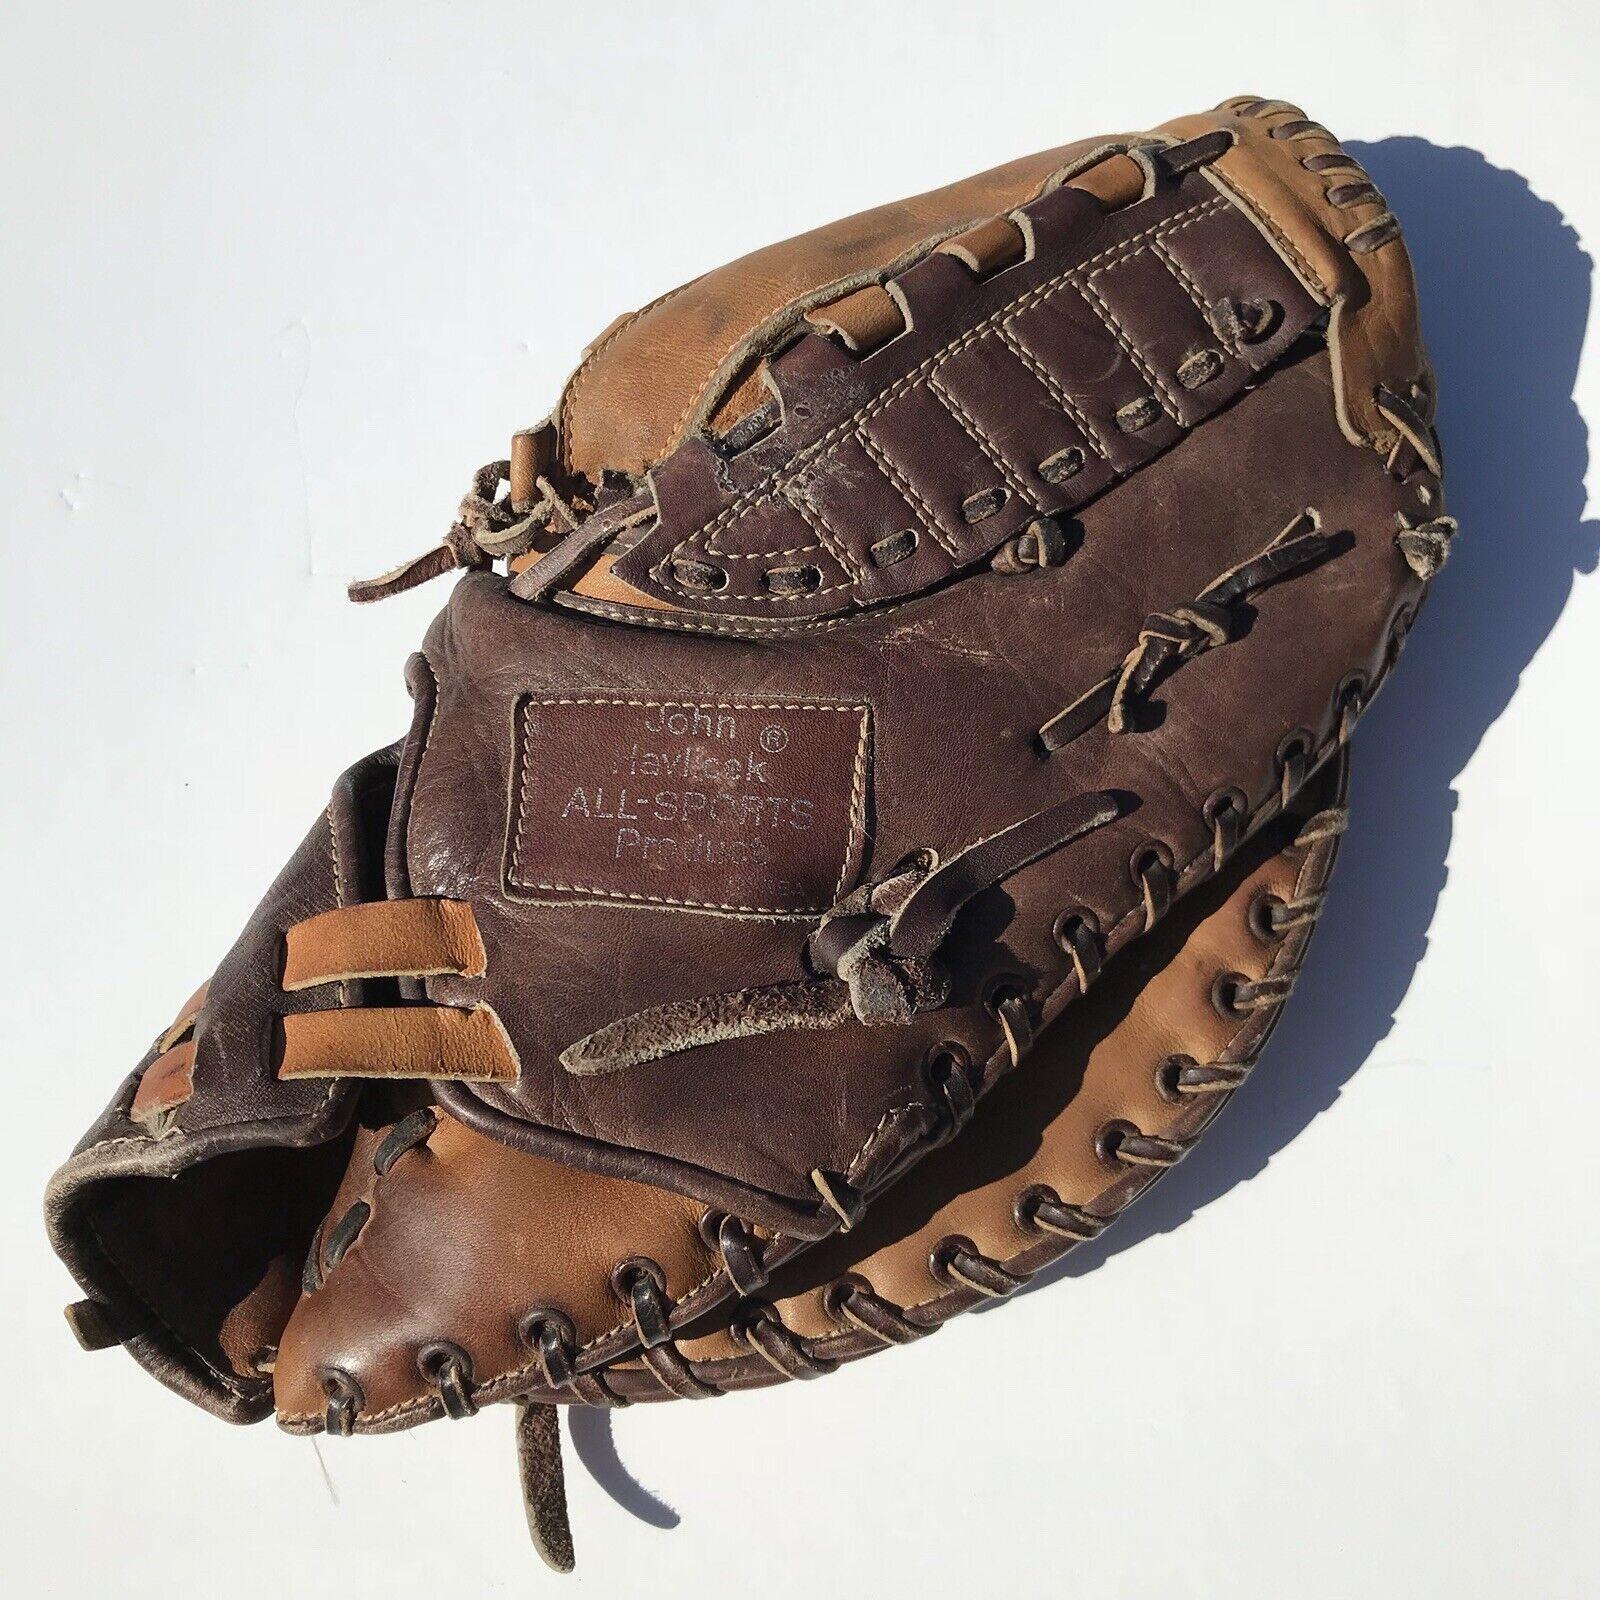 John Havlicek JH500 todos los deportes lanzador de mano derecha de Productos de cuero guante de béisbol Vintage 12 en.